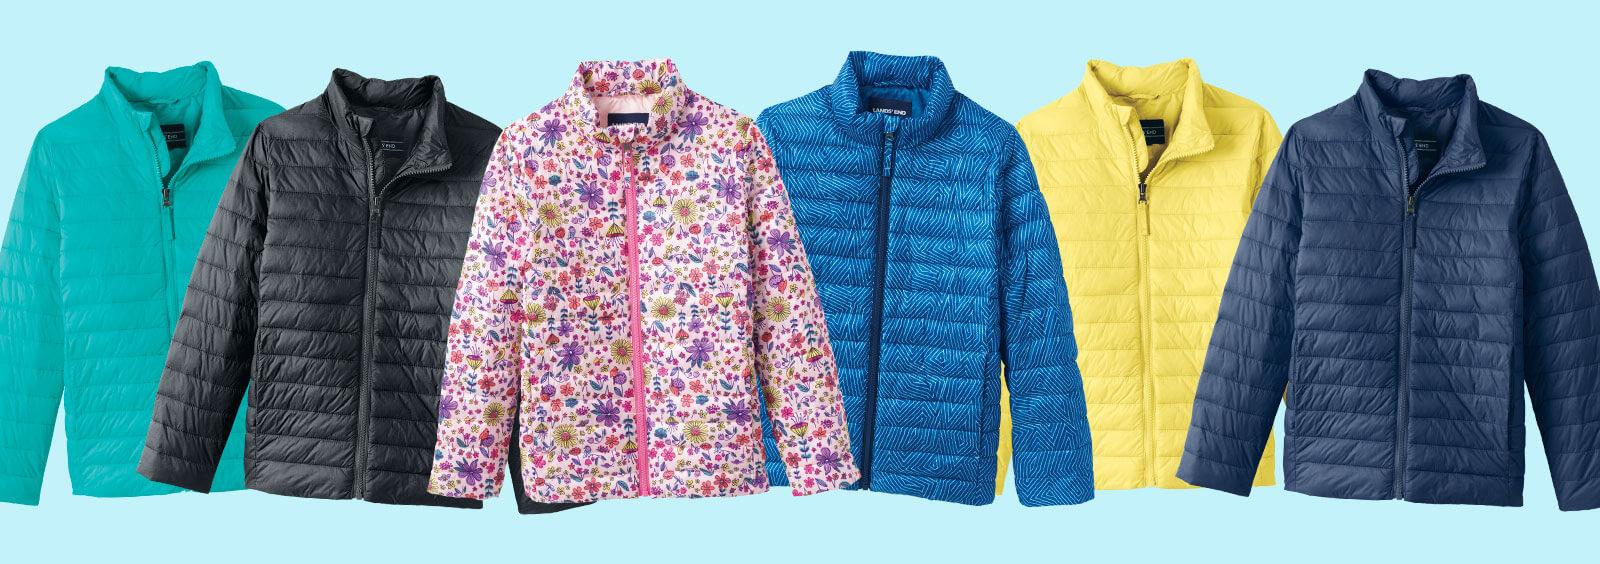 Kids' Winter Coats